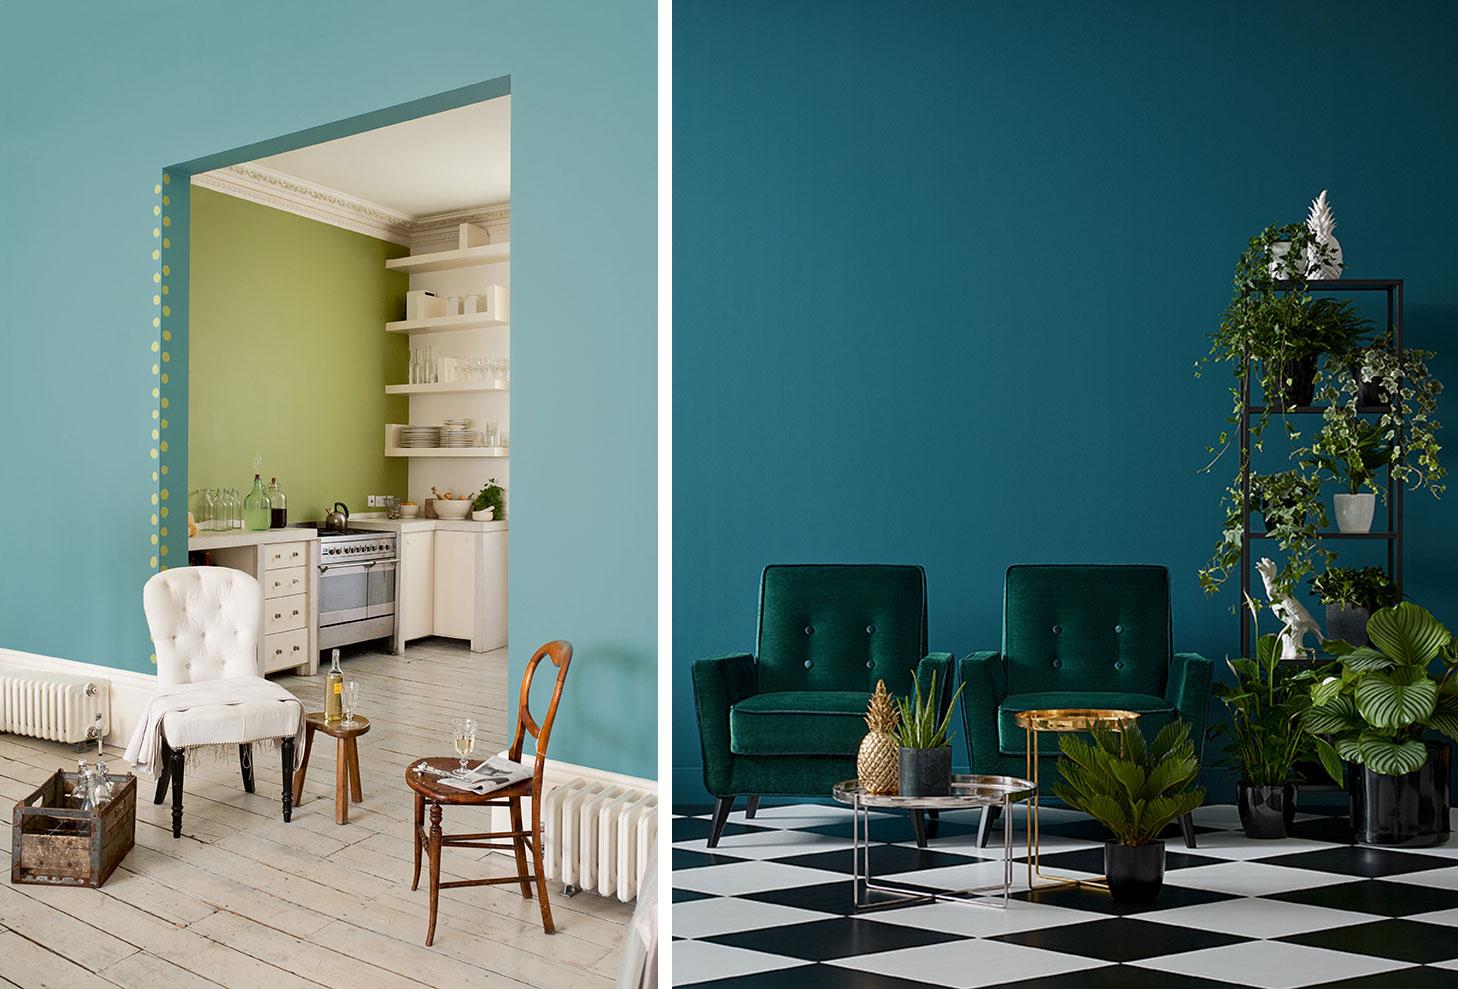 Два ньюансных цвета в дизайне интерьера